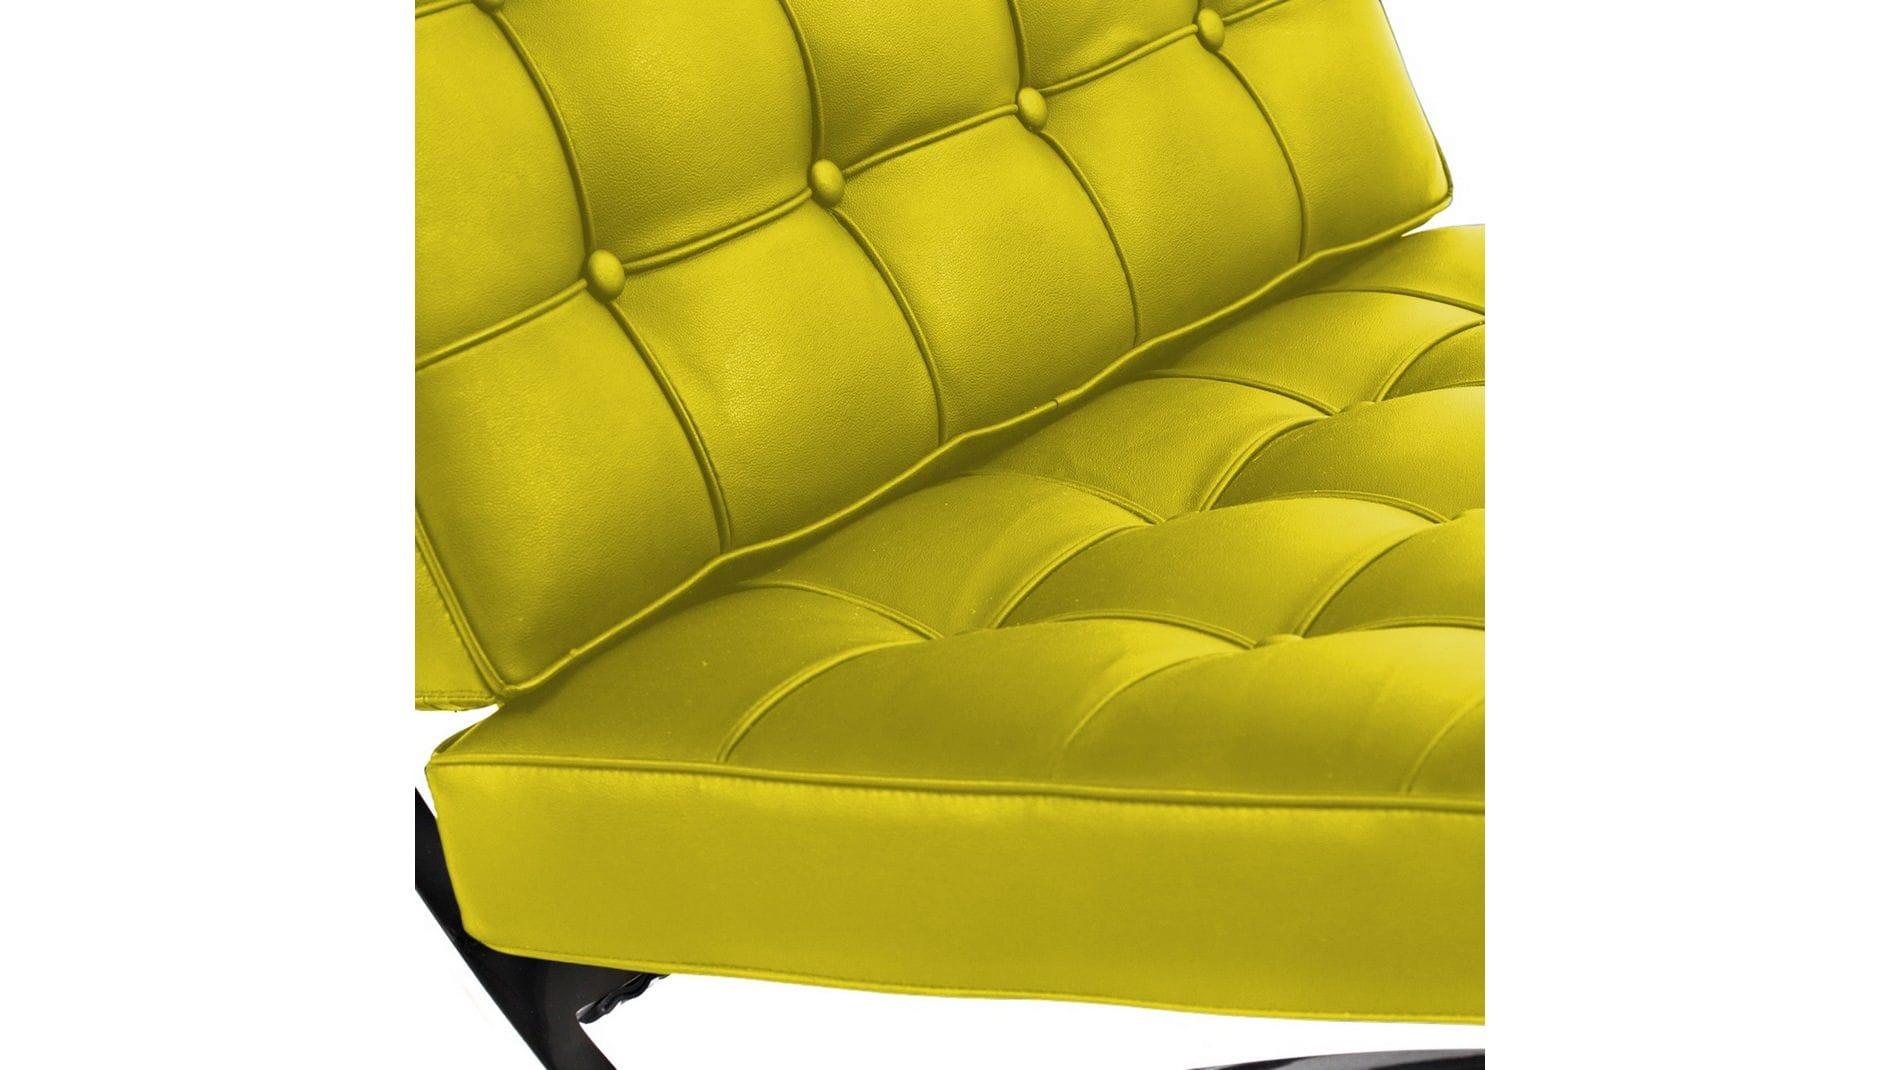 Кресло Barcelona Chair Лимонная Кожа Класса Премиум Р